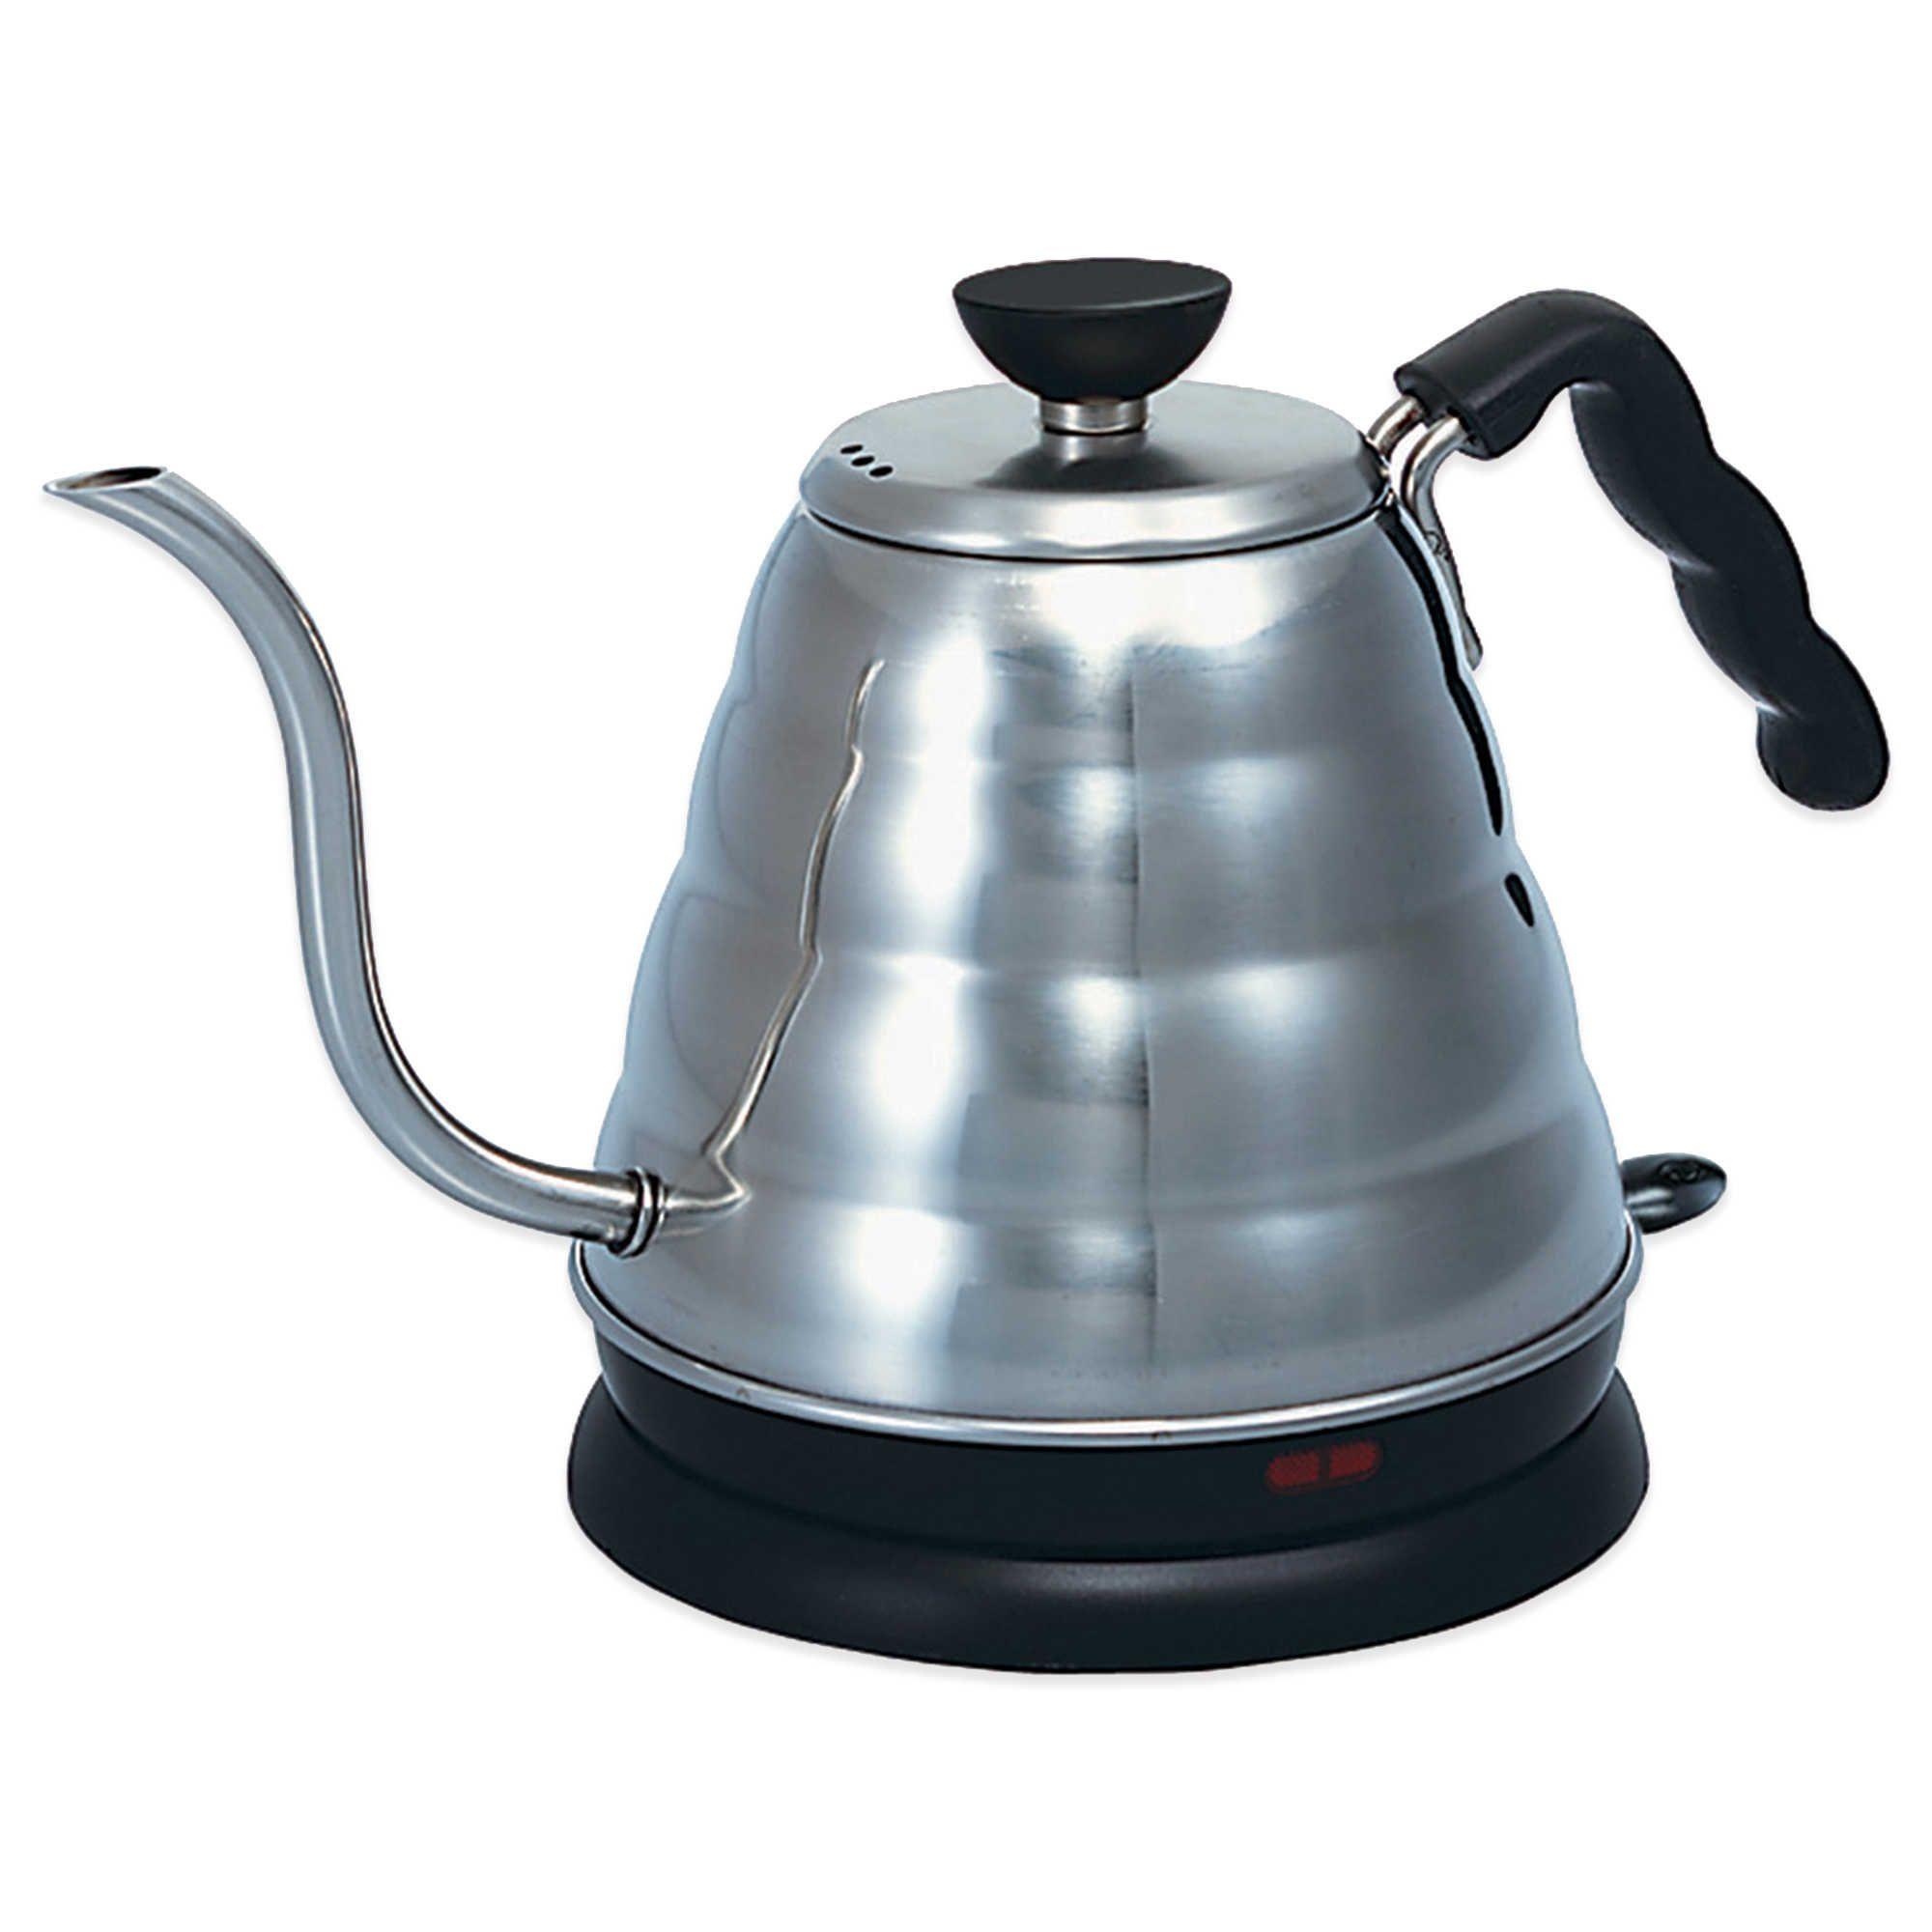 HARIO (Hario) electric kettle coffee